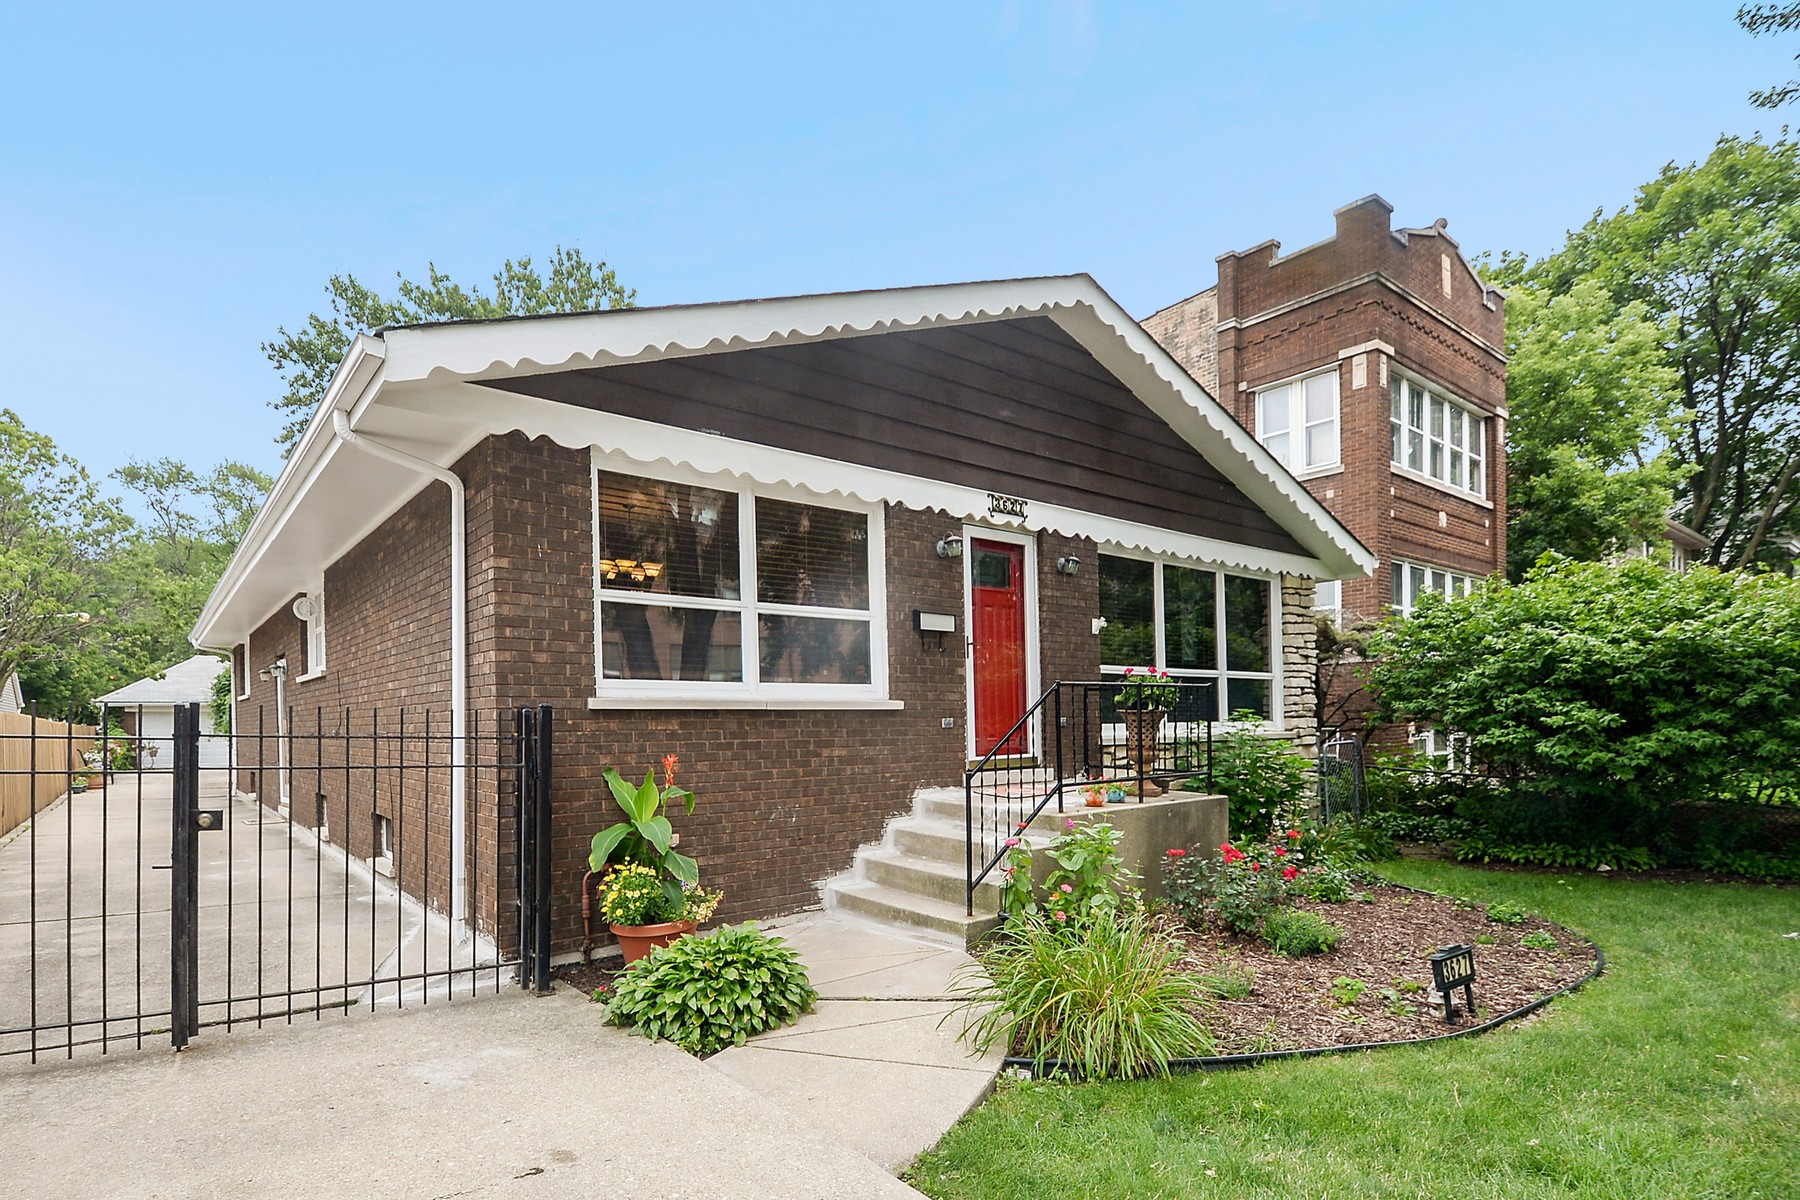 一戸建て のために 売買 アット Beautiful Old Irving Park Home 3627 N Kedvale Avenue, Irving Park, Chicago, イリノイ, 60641 アメリカ合衆国